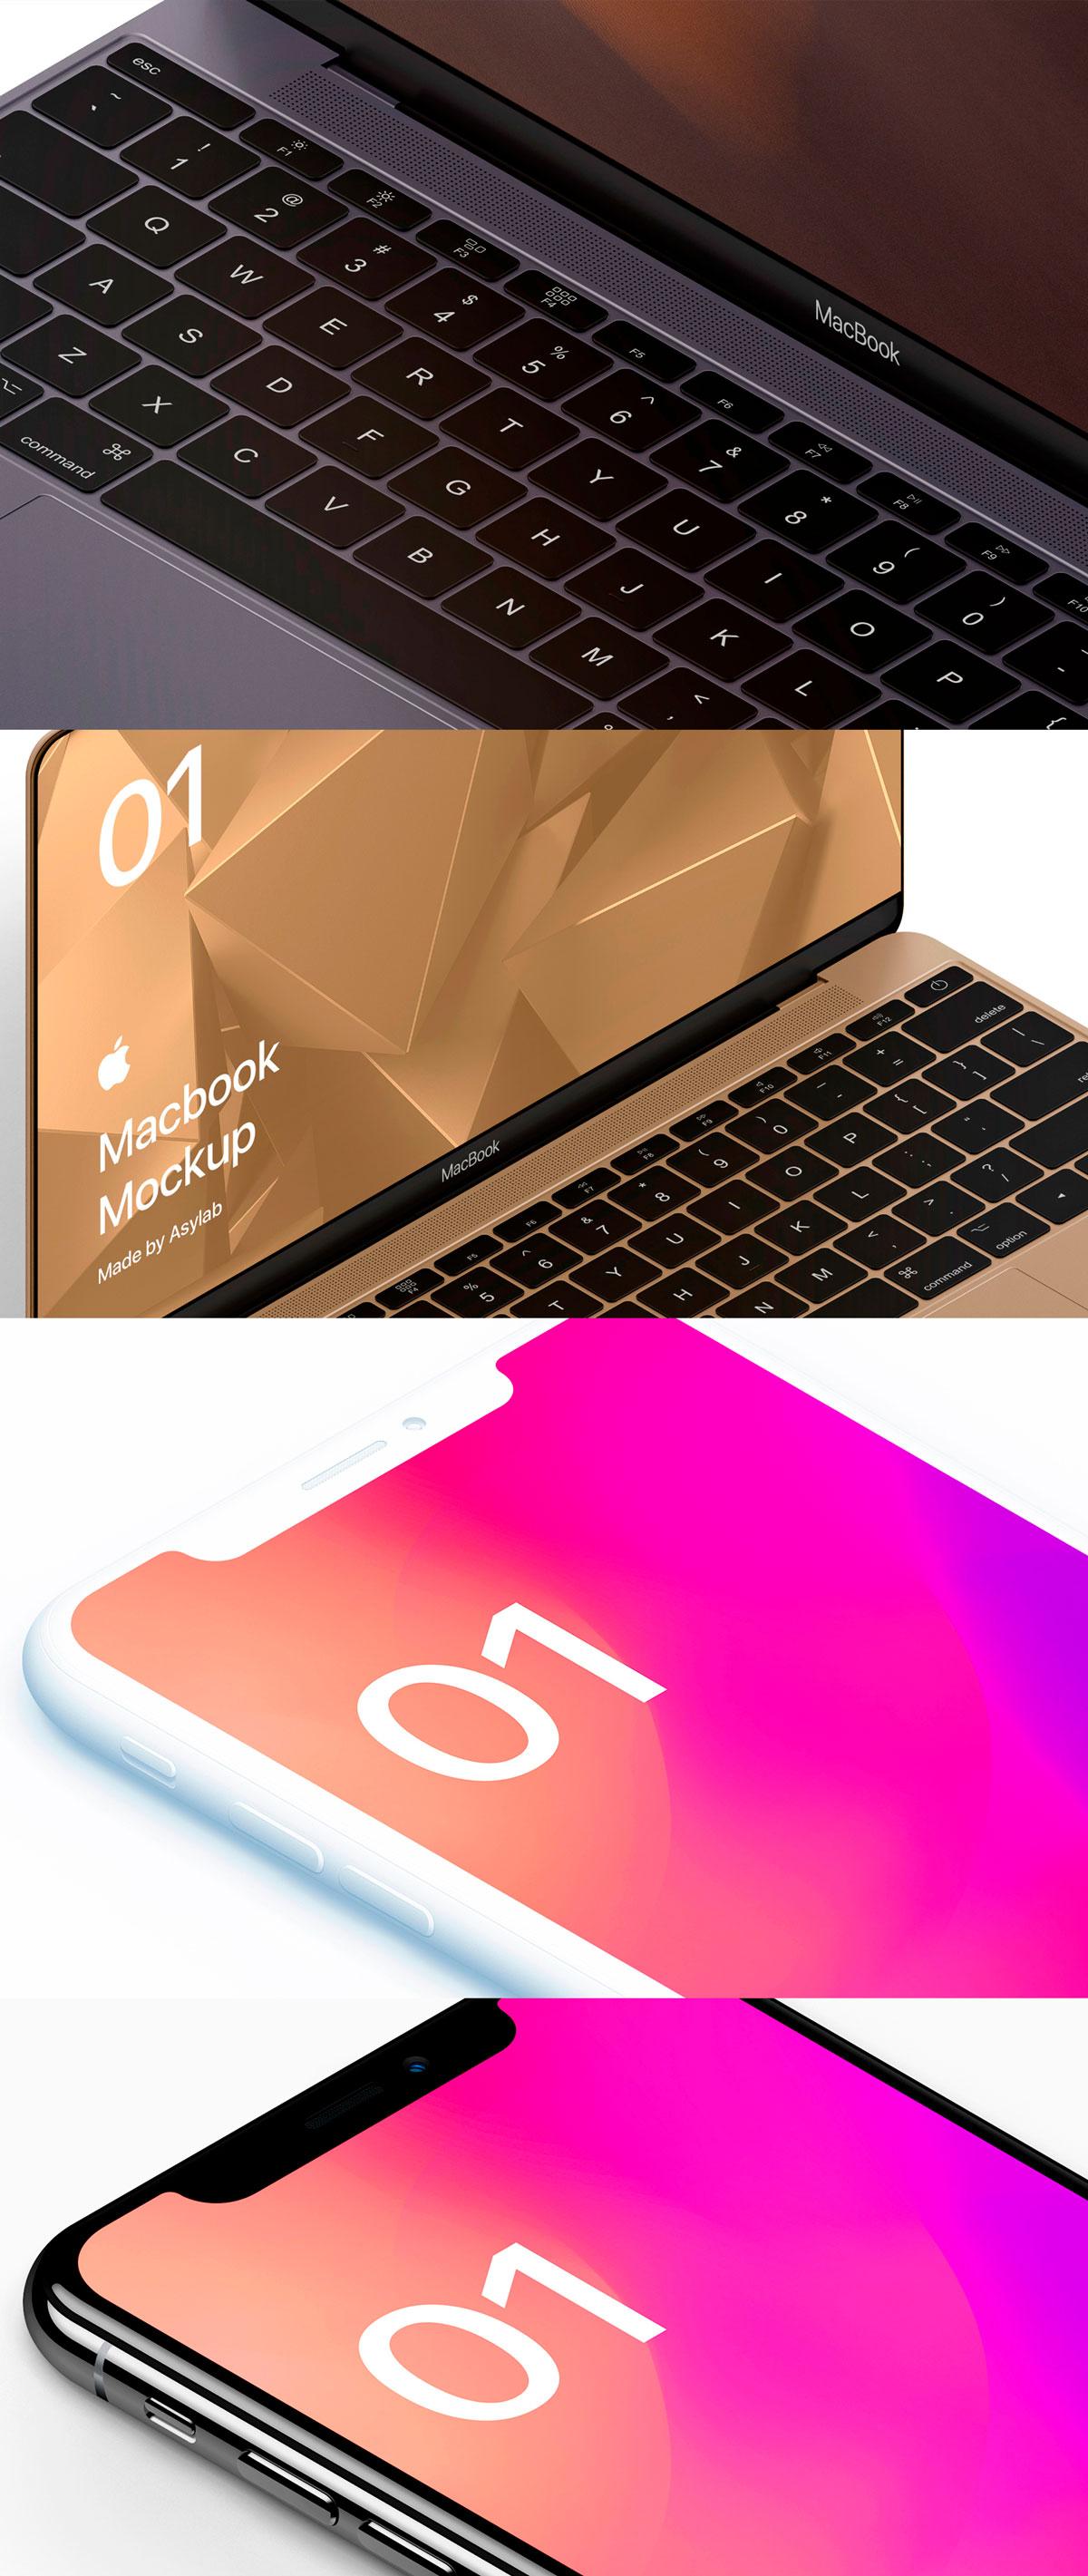 自适应网页设计等距Macbook 2018&iPhone XS展示样机模板 Macbook 10 Isometric插图(7)